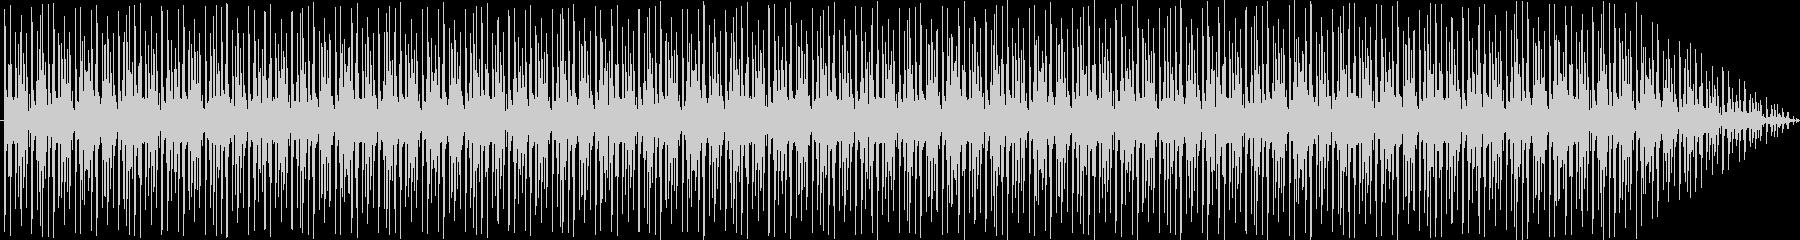 ループ。奇妙なメロディと繰り返しの...の未再生の波形